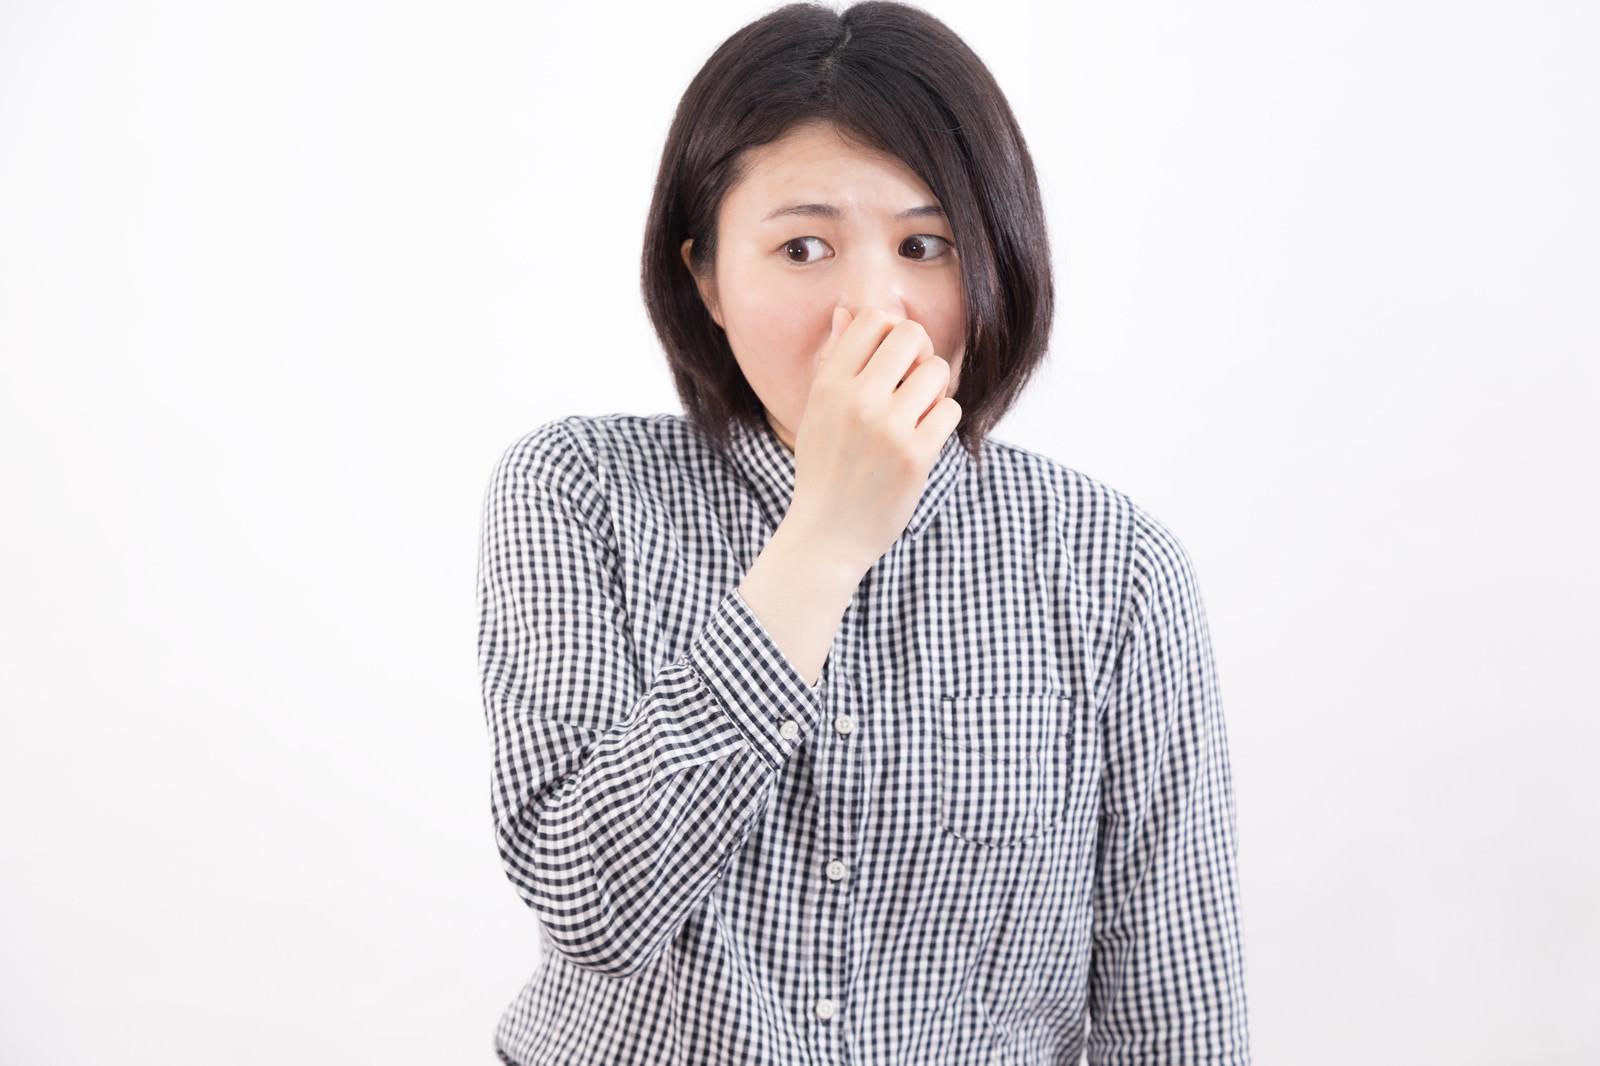 「鼻をつまむほどの悪臭」の写真[モデル:佐竹PP]